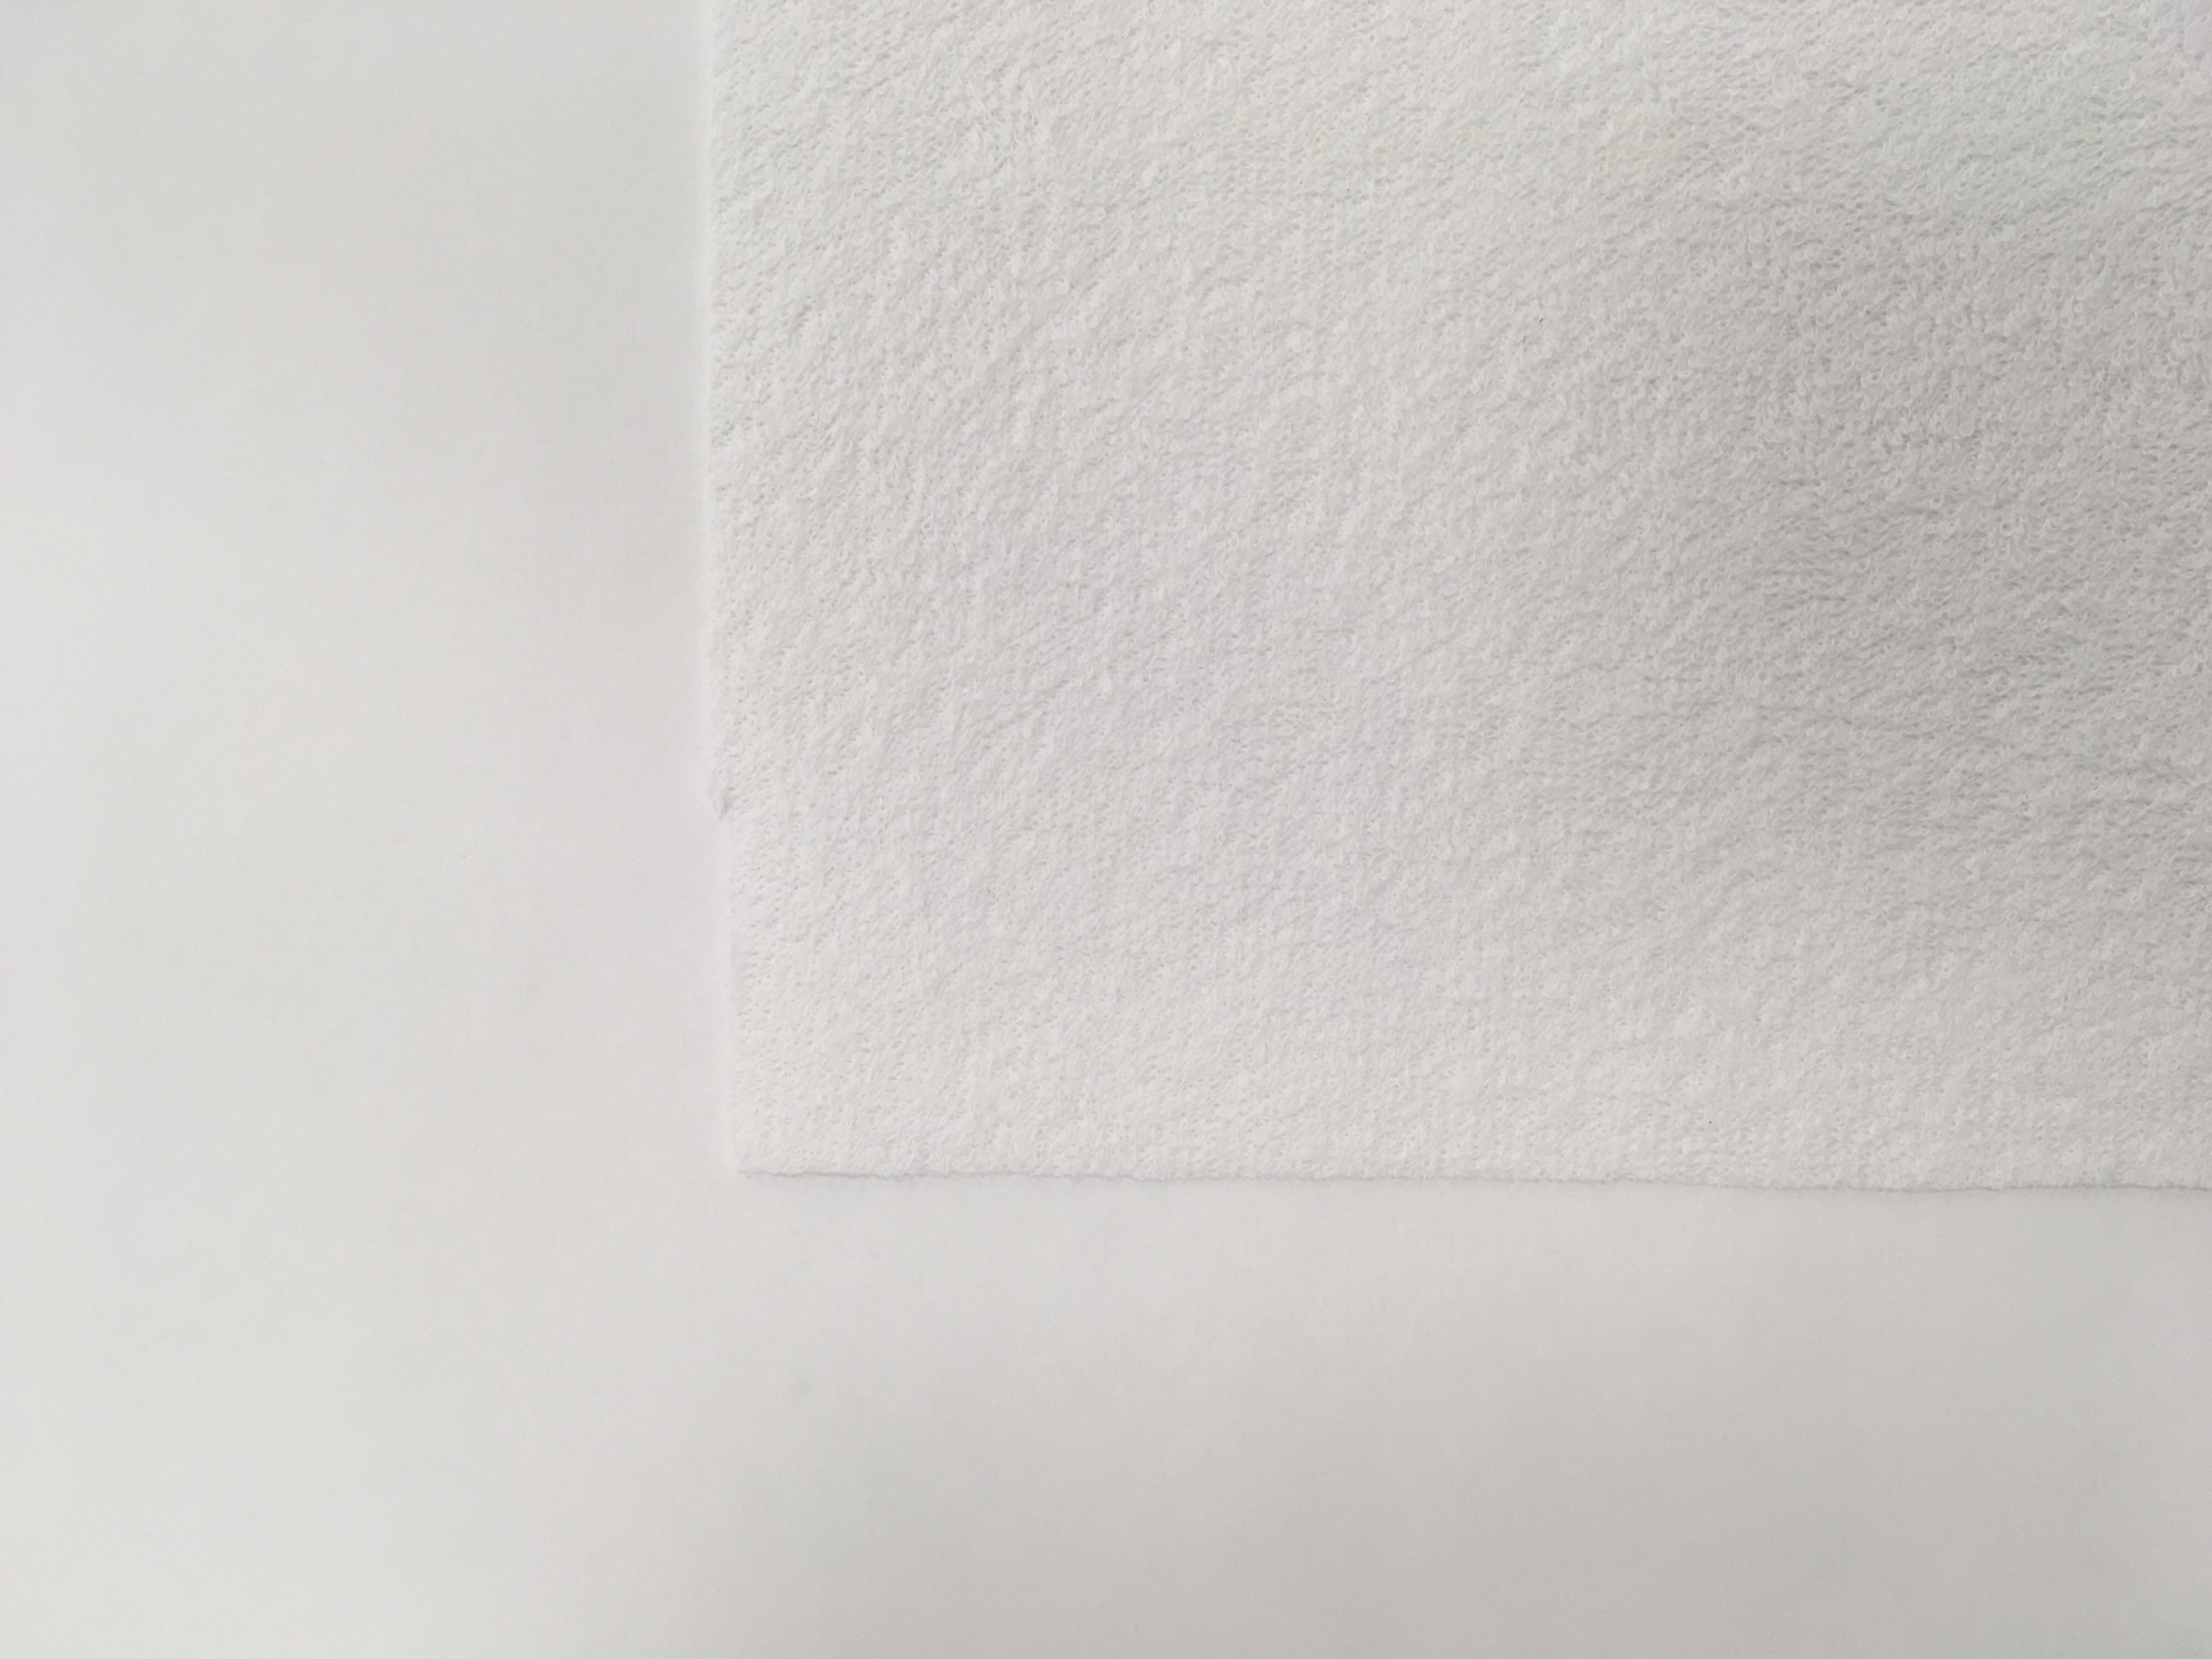 Cerata Per Letto.Tessuto Impermeabile Letto